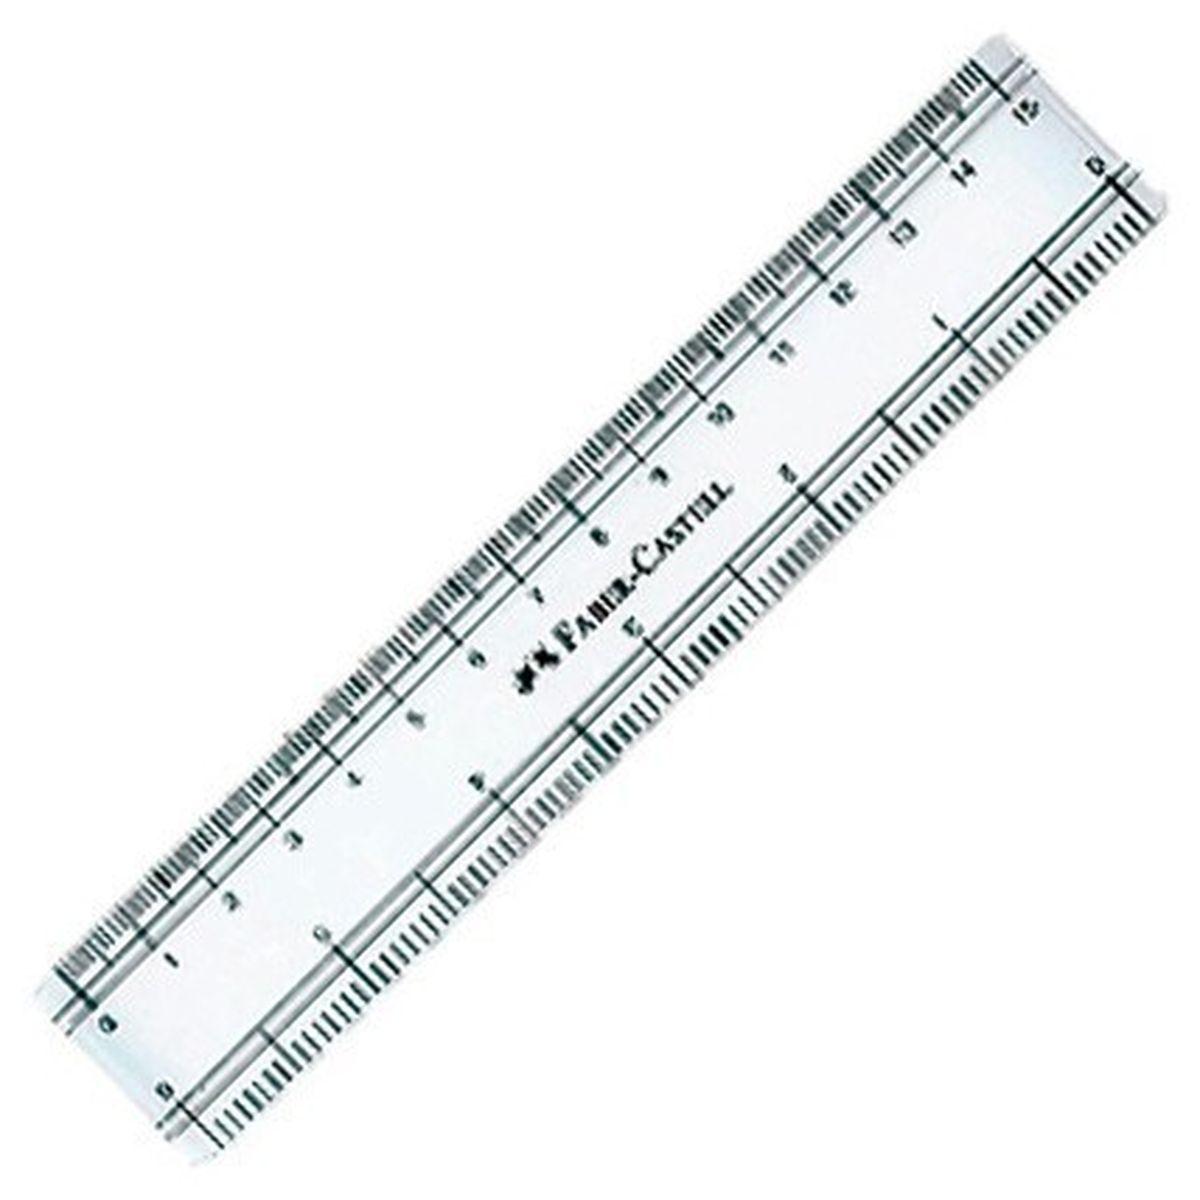 Faber-Castell Линейка 15 смFS-36054Линейка Faber-Castell настолько прочная и удобная, что прекрасно подойдет как для школьного технического черчения, так и для более профессиональных измерительных или чертёжных работ. Изделие выполнено из качественного прозрачного пластика и имеет закругленные углы.Длина линейки -15 см.